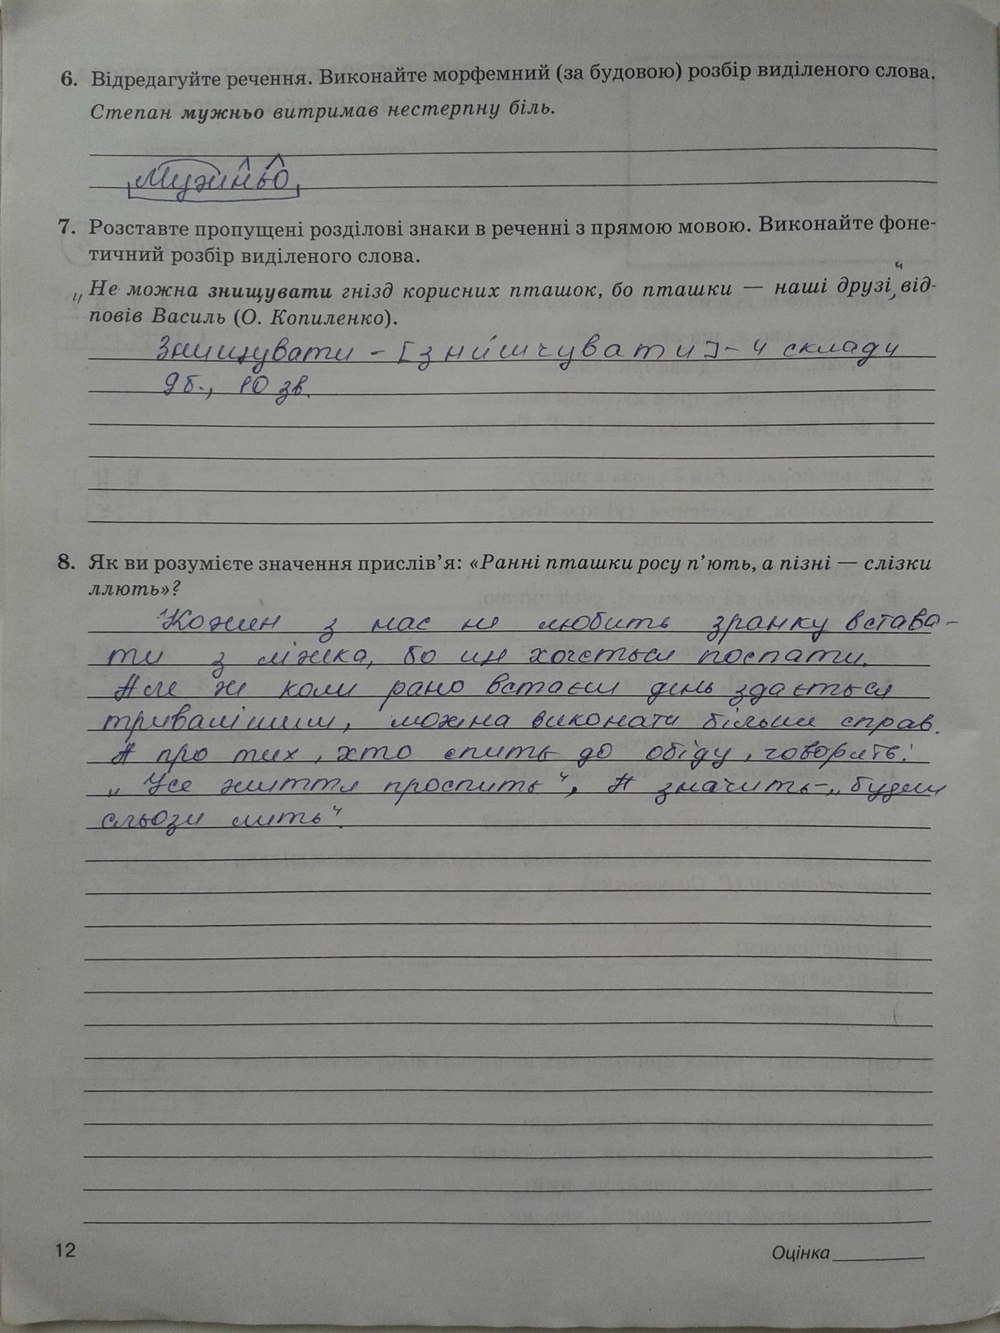 ГДЗ відповіді робочий зошит по рiдна/укр. мова 5 класс С.Р. Молочко. Задание: стр. 12